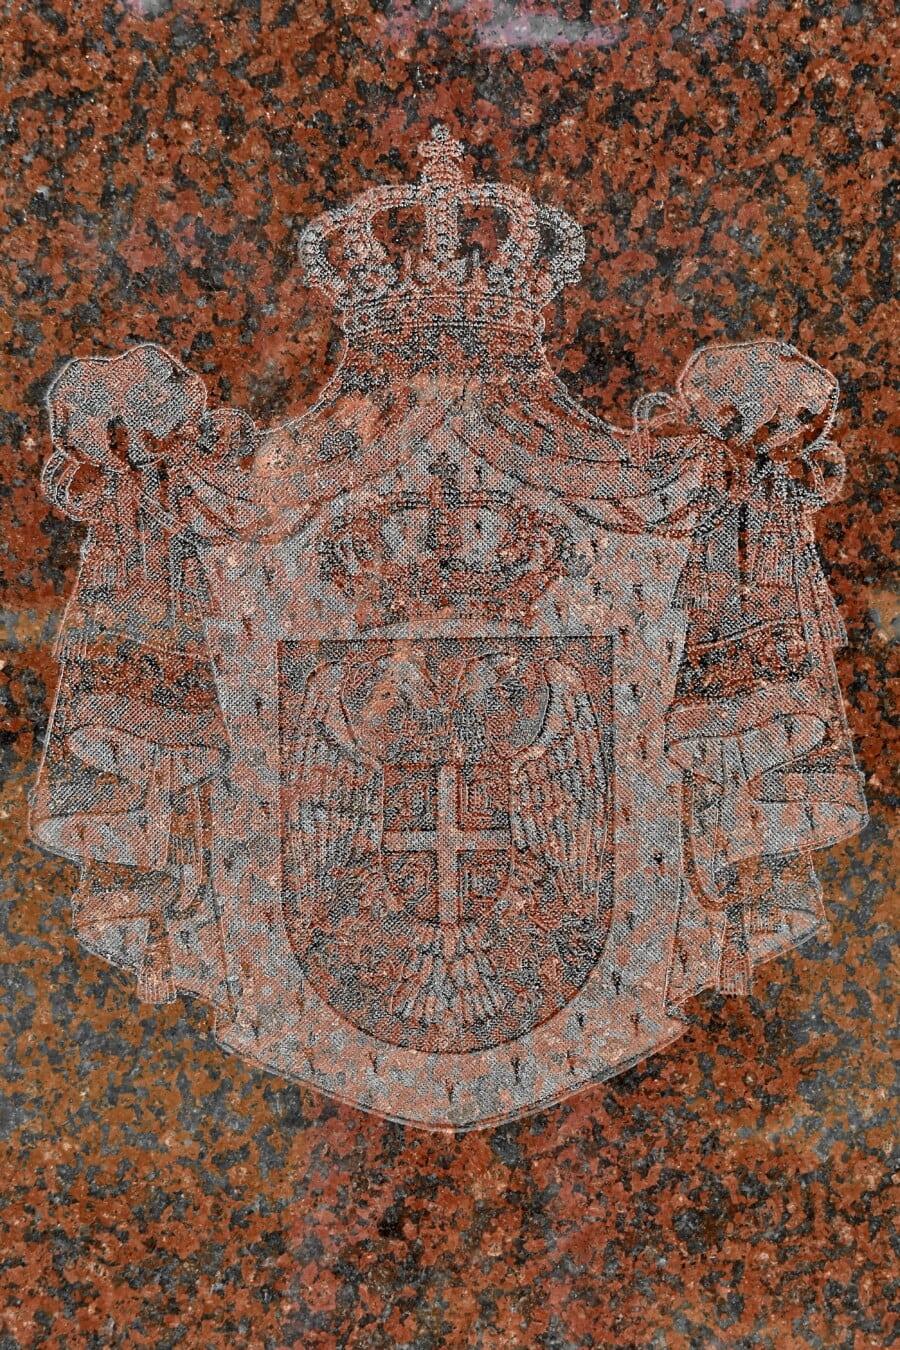 démocratie, Couronne, Serbie, signe, symbole, monarque, royaume, patrimoine, marbre, réflexion